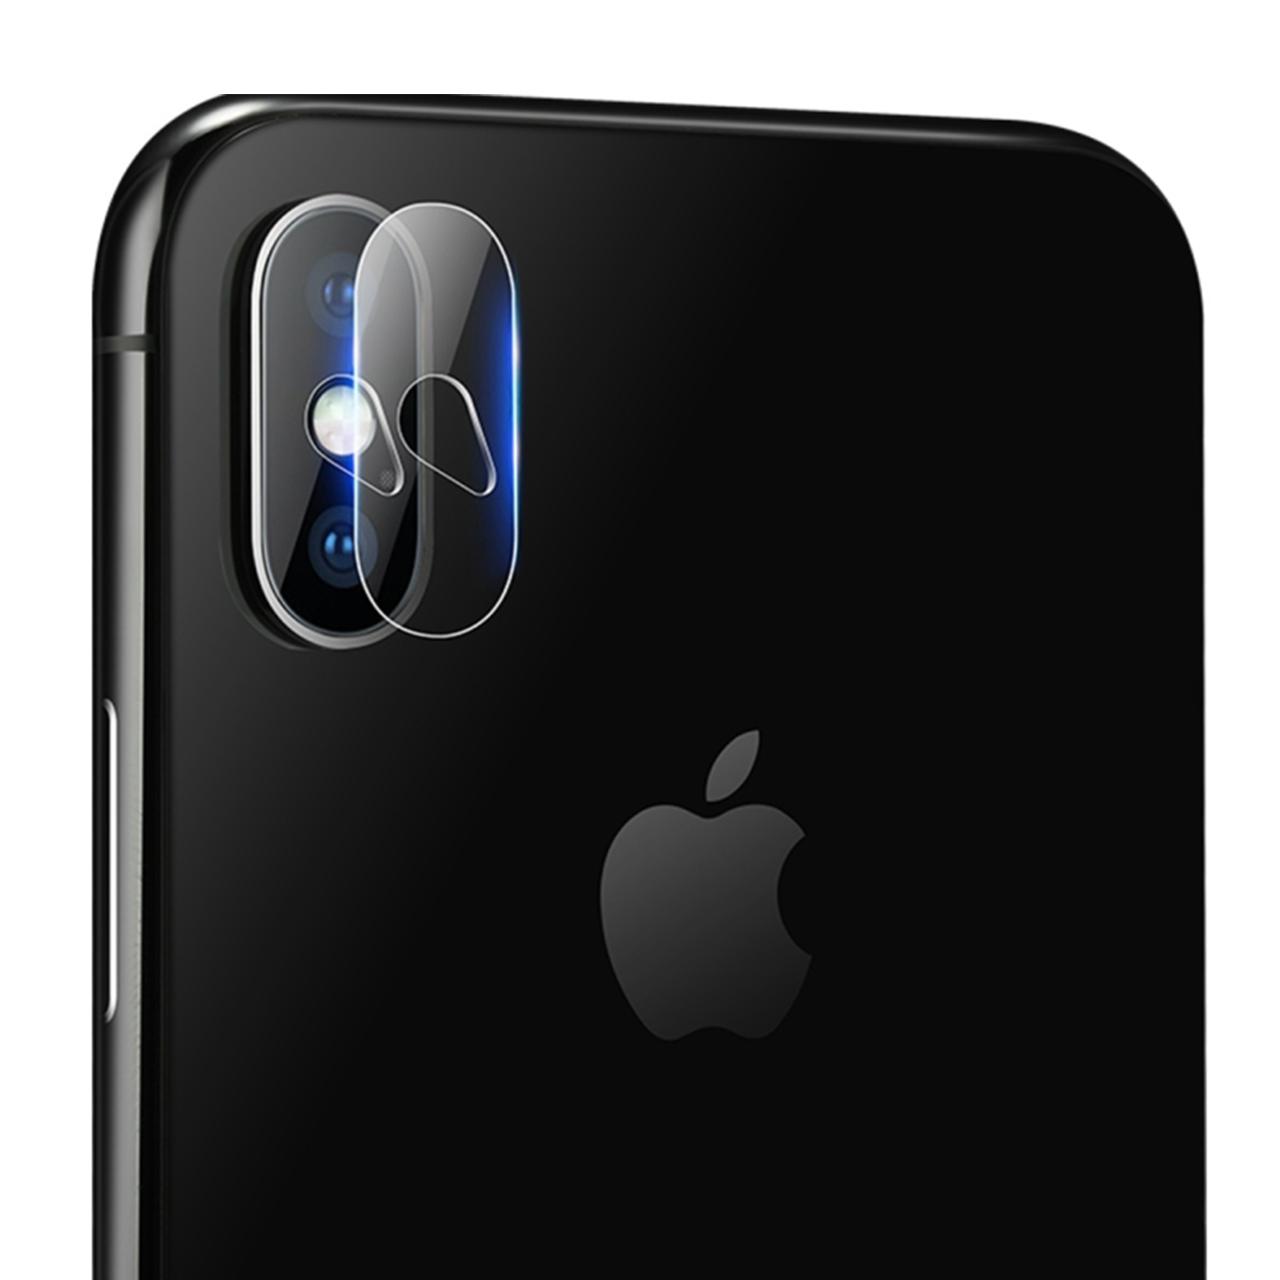 محافظ لنز دوربین مدل H4 مناسب برای گوشی موبایل اپل IPhone Xs Max